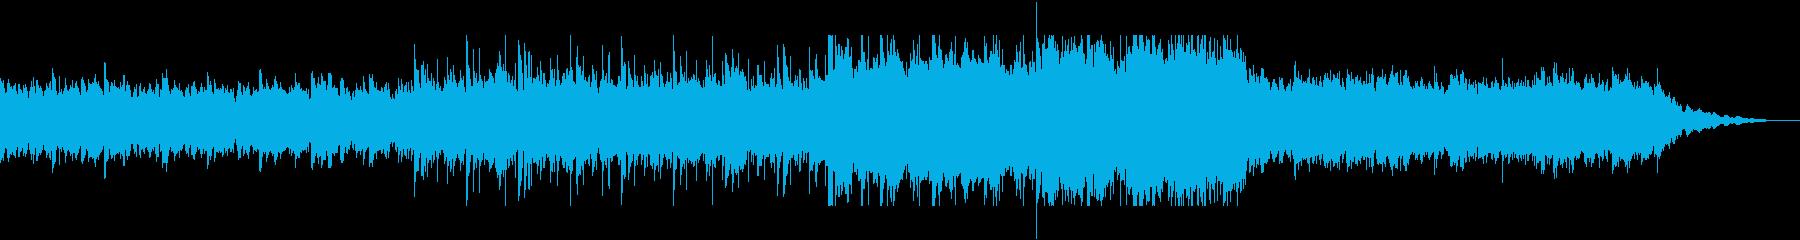 柔らかくメローなピアノサウンドの再生済みの波形